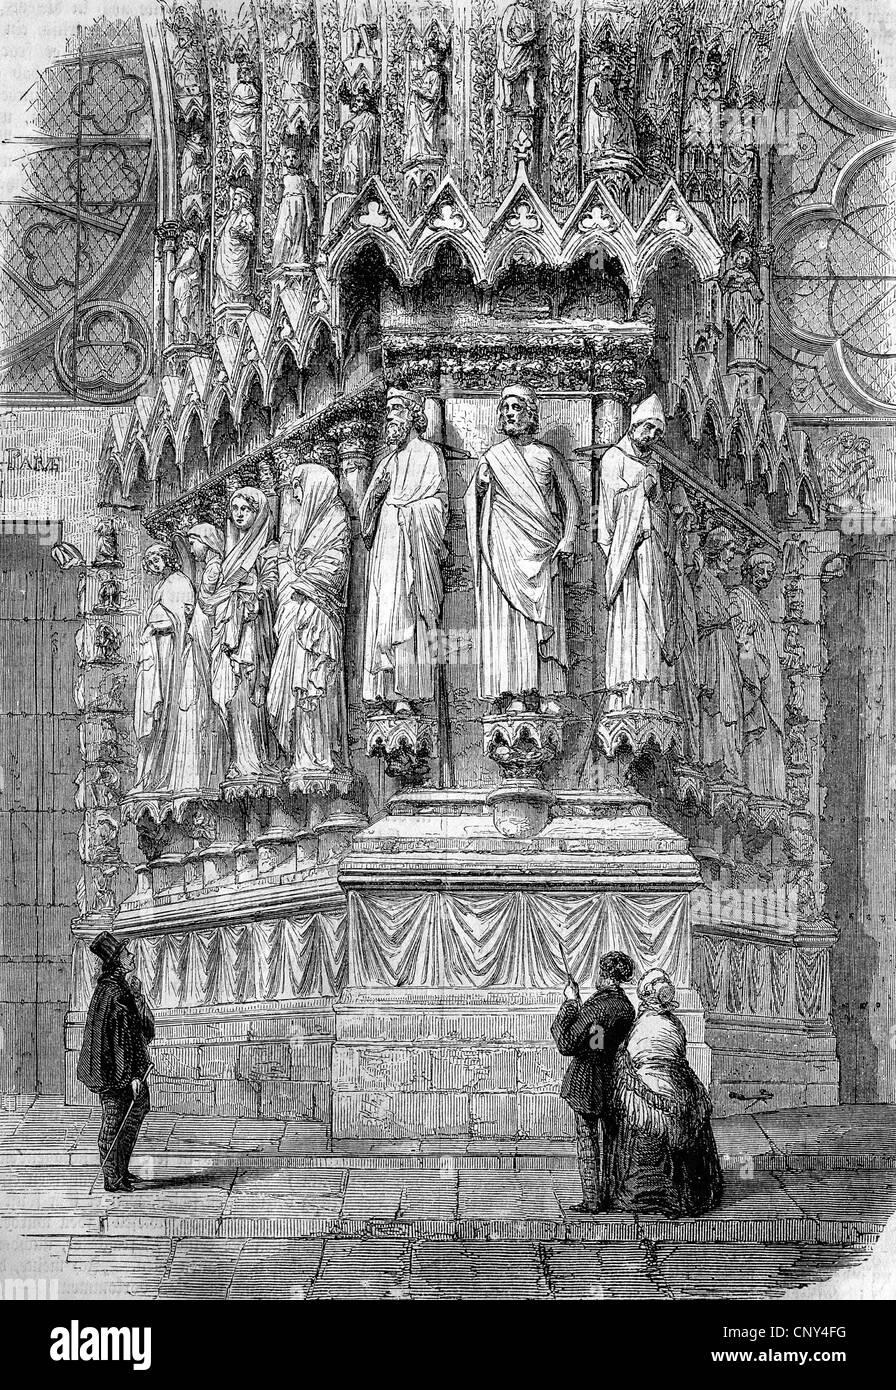 Portal de la Catedral de Reims, Francia, histórico grabado en madera, circa 1888 Imagen De Stock